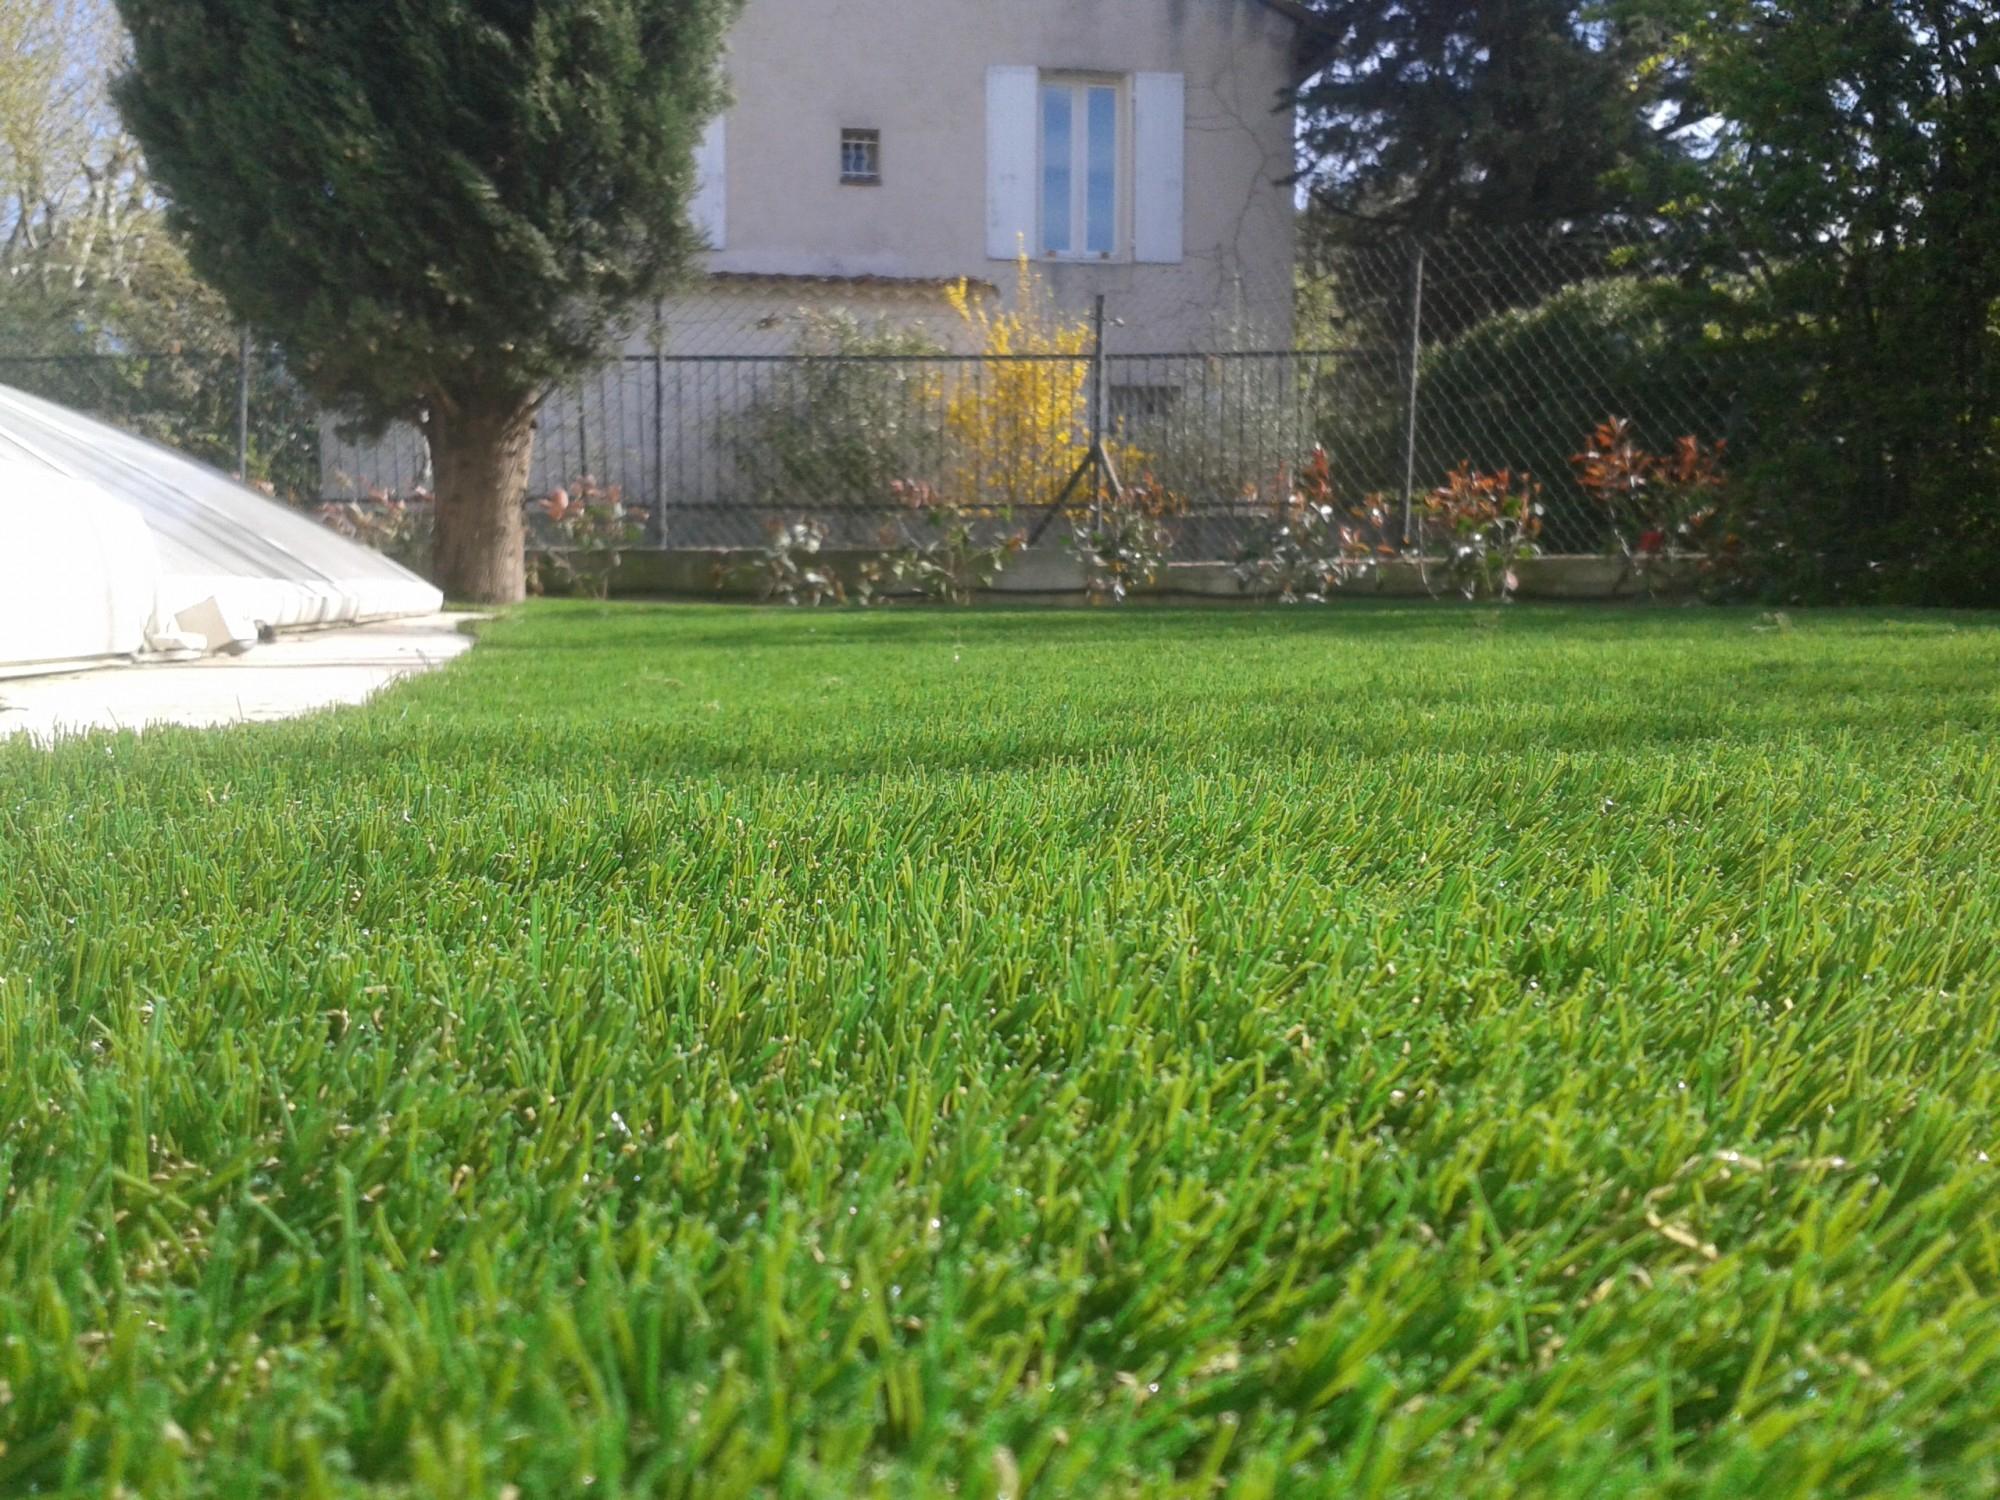 Acheter Du Gazon Synthetique Discount Pas Cher Pour Jardin À ... tout Gazon Artificiel Pas Cher